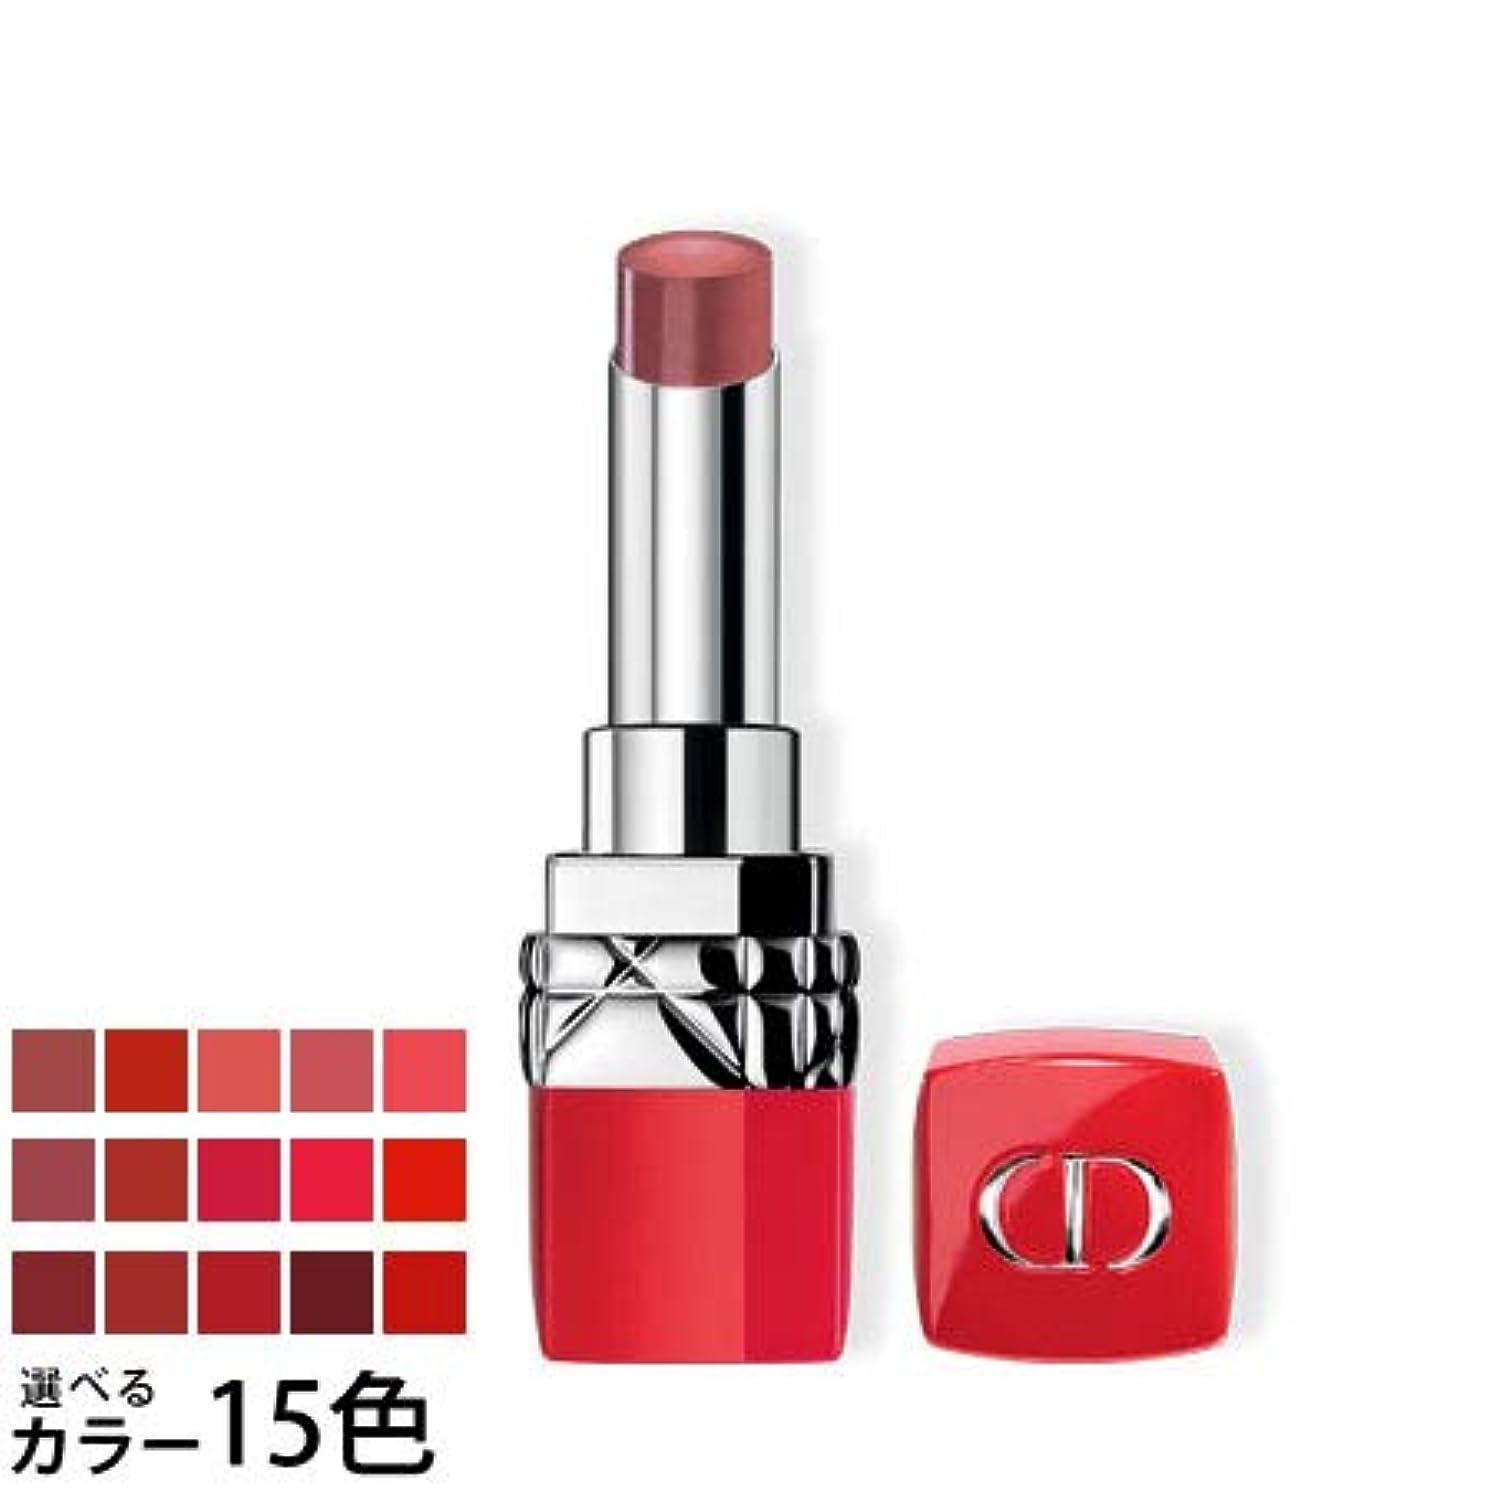 アクセル鍔外科医ディオール ルージュ ディオール ウルトラ ルージュ 選べる15色 -Dior- 763